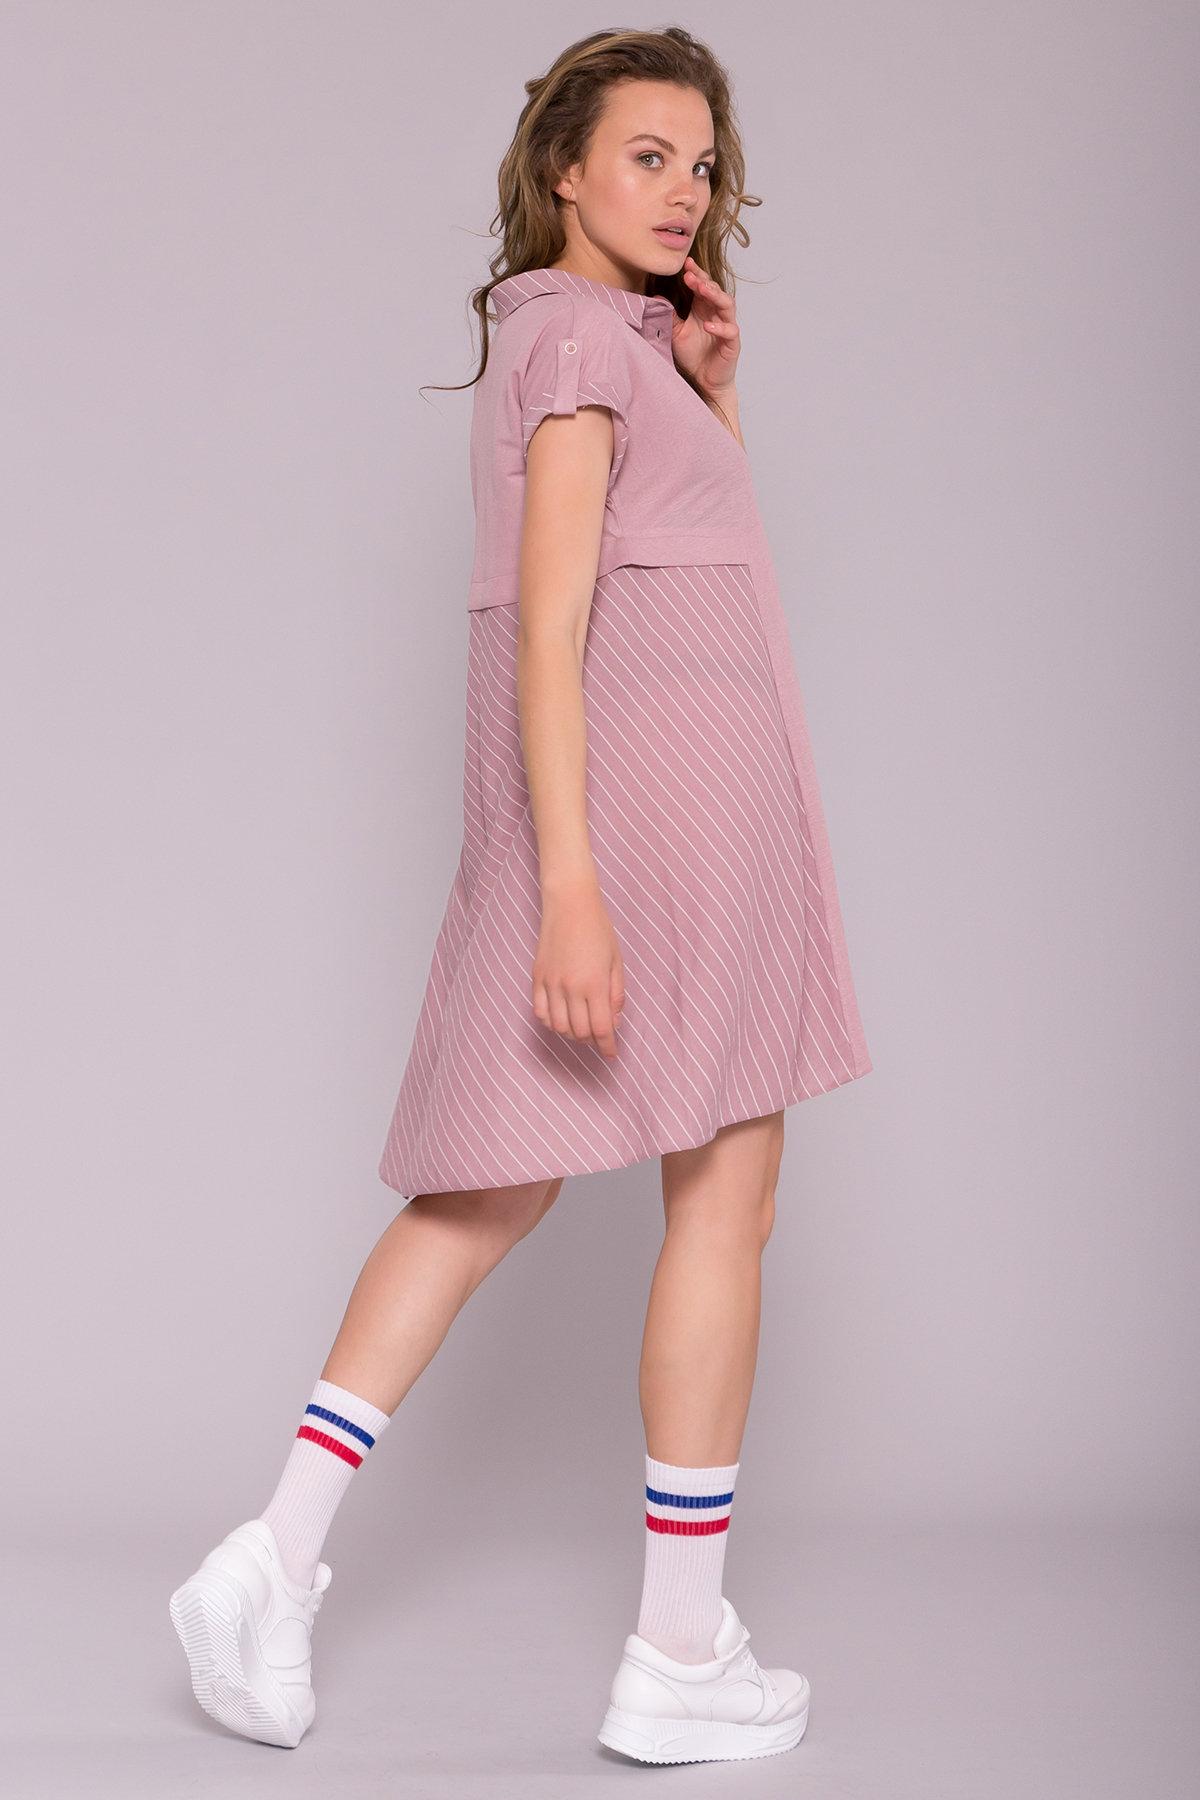 Платье Грея 7142 АРТ. 42555 Цвет: Пудра/полоска молоко - фото 2, интернет магазин tm-modus.ru